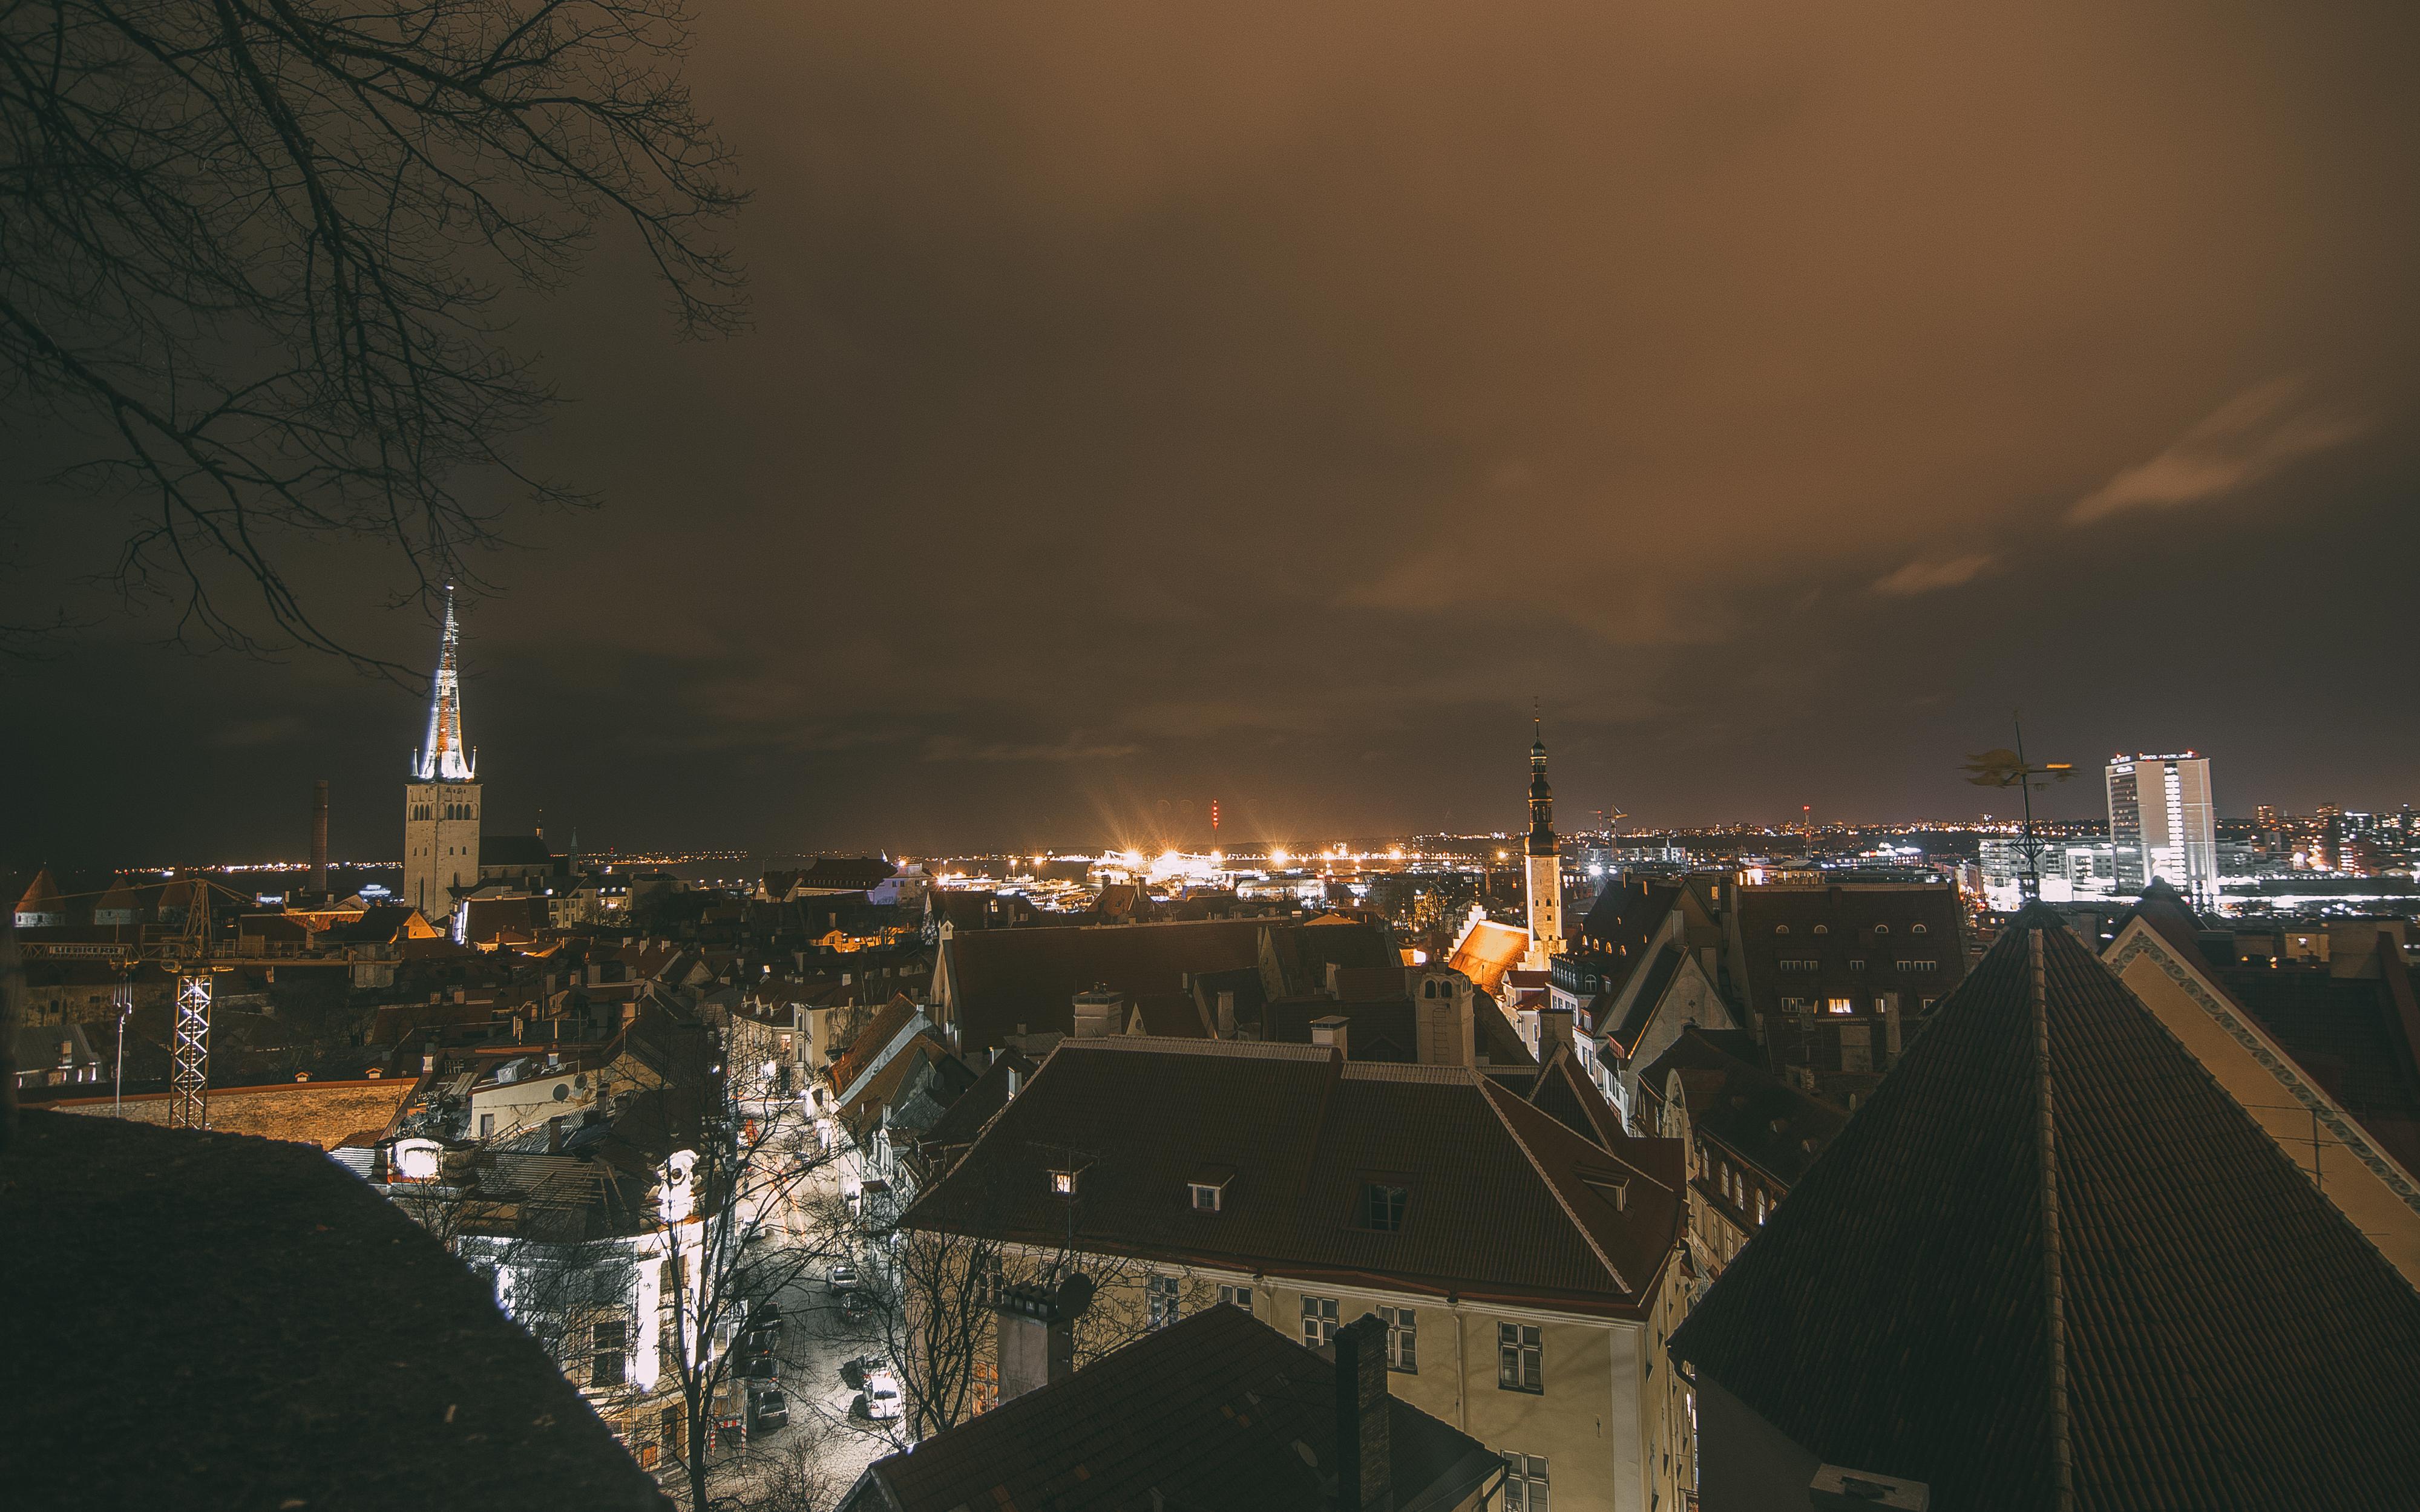 Таллин, эстония, старый город, евротур, путешествие в европу